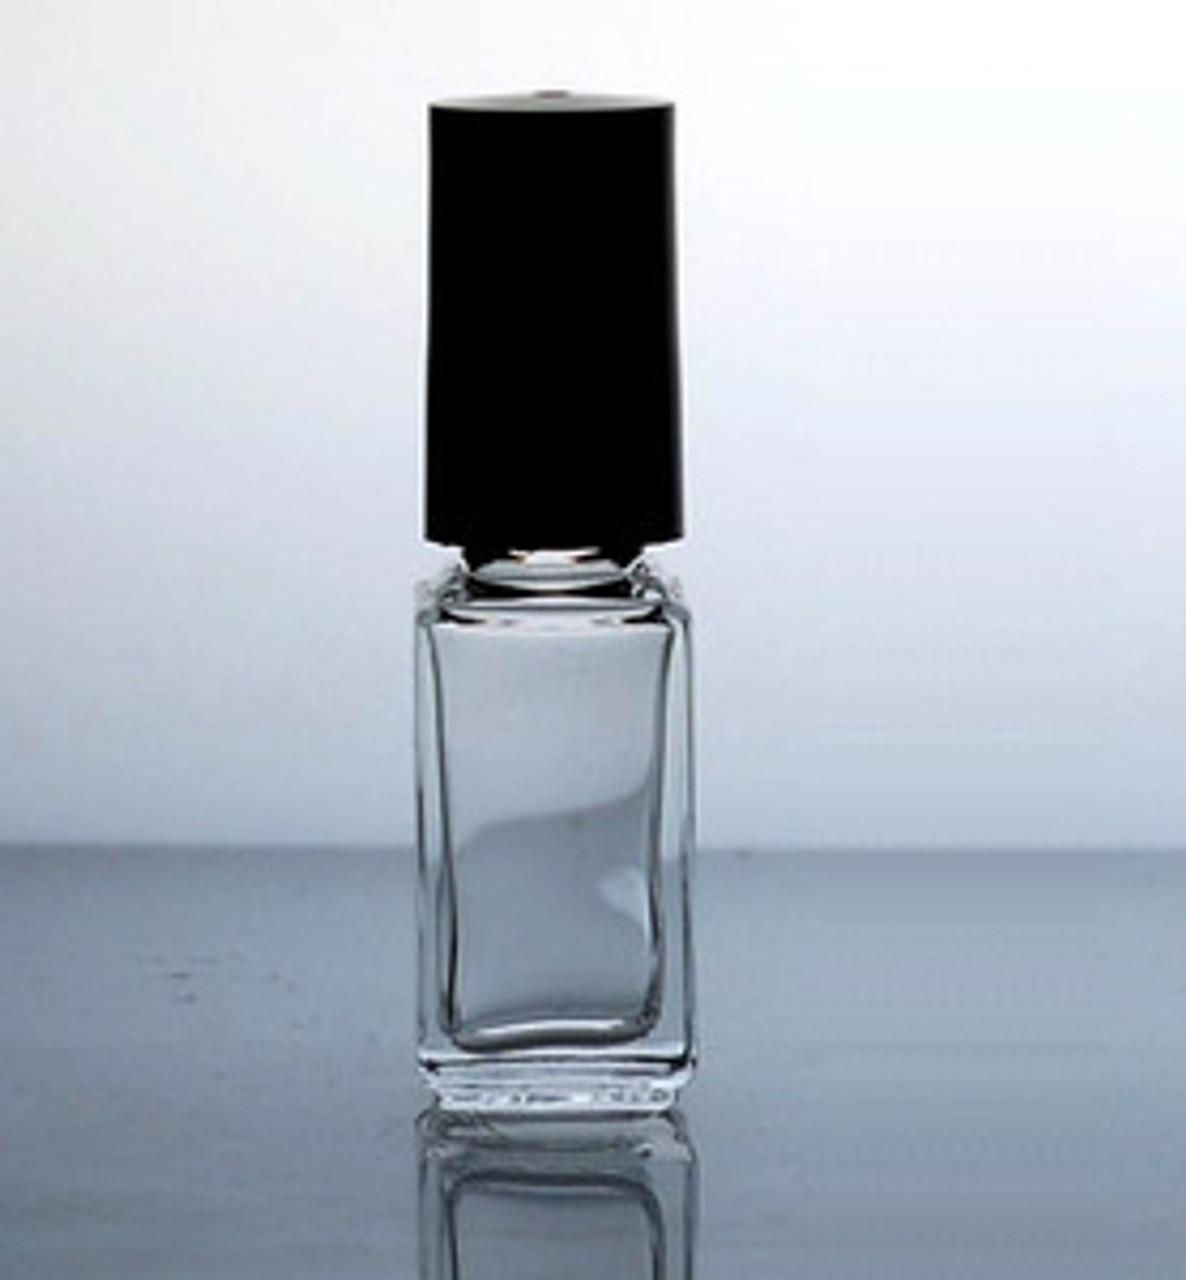 1 dram 4ml Square Bottles